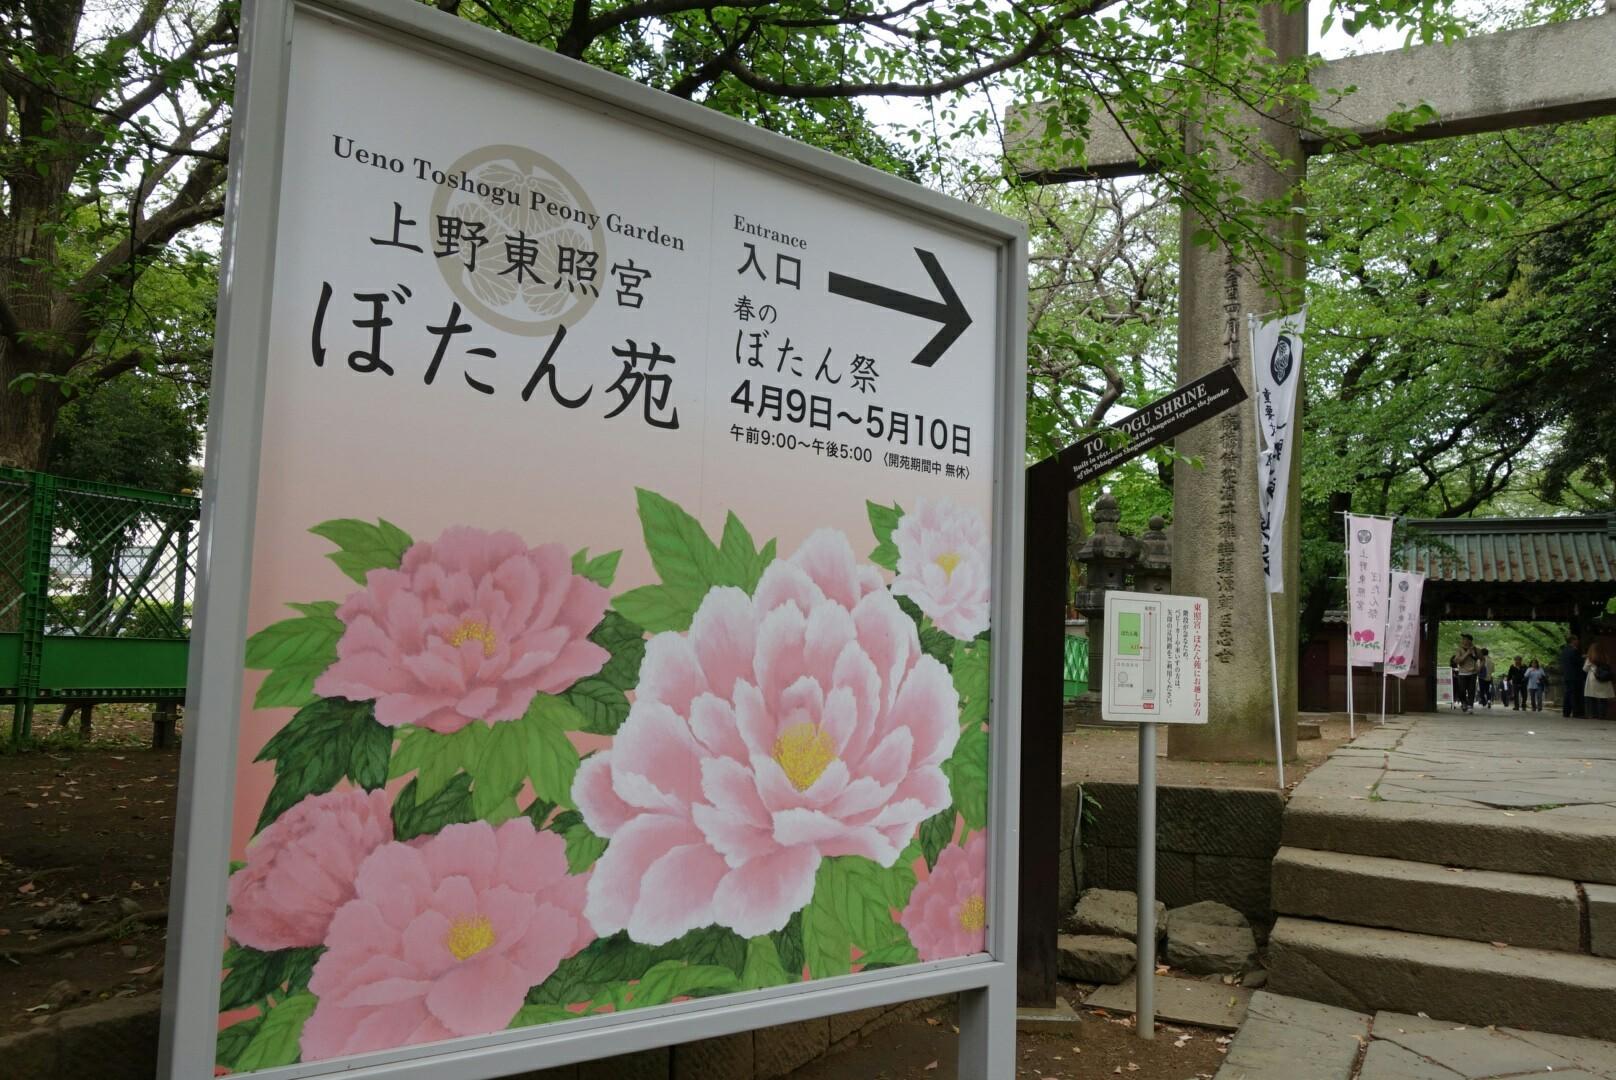 上野東照宮牡丹園